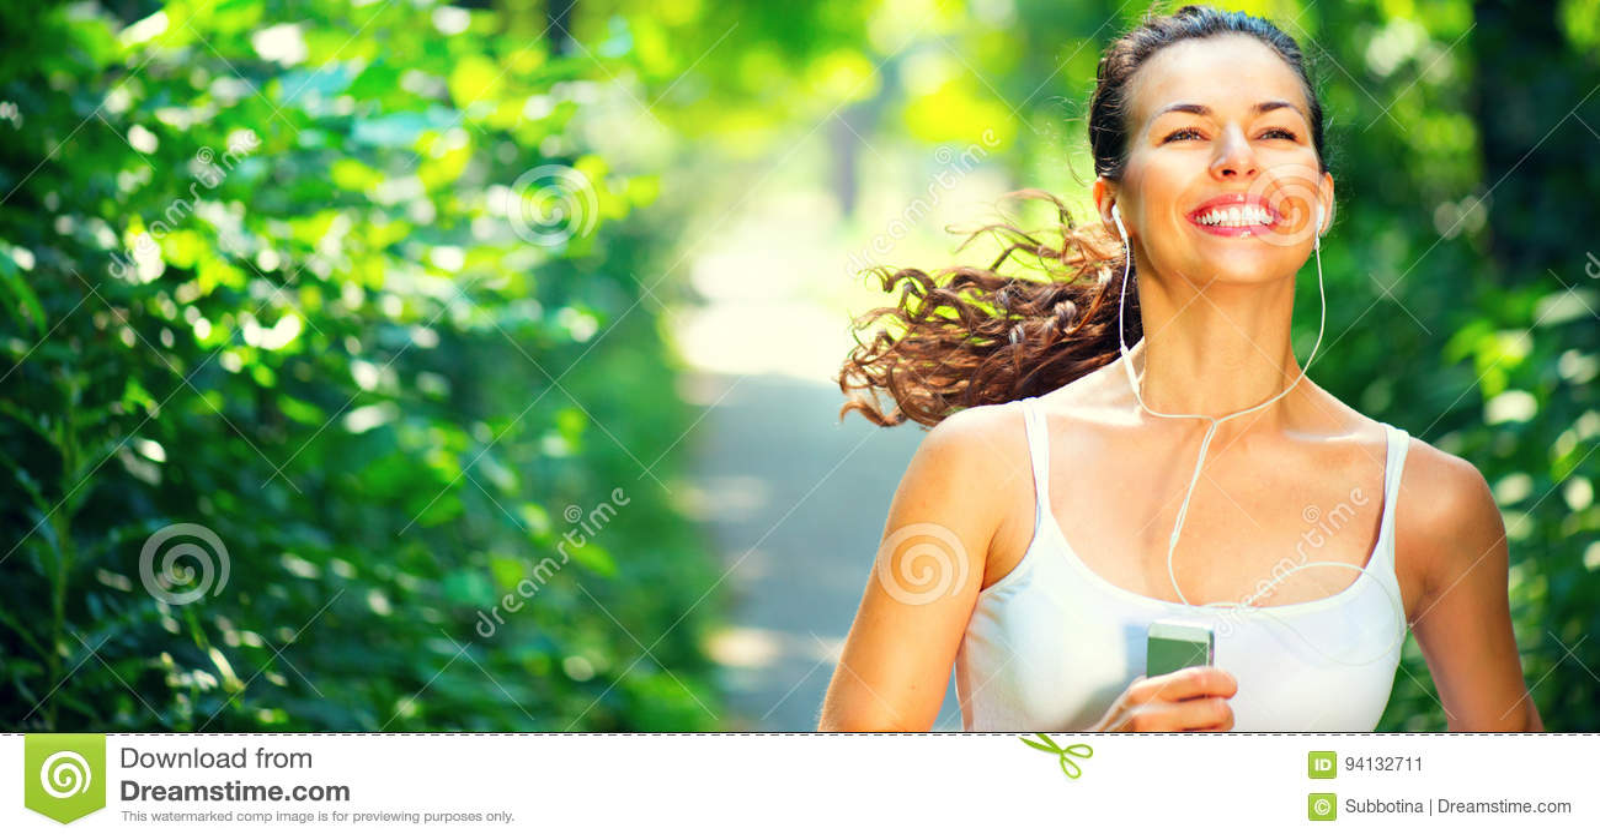 Τρέχοντας φίλαθλο κορίτσι Νέο γυναικών ομορφιάς στο πάρκο